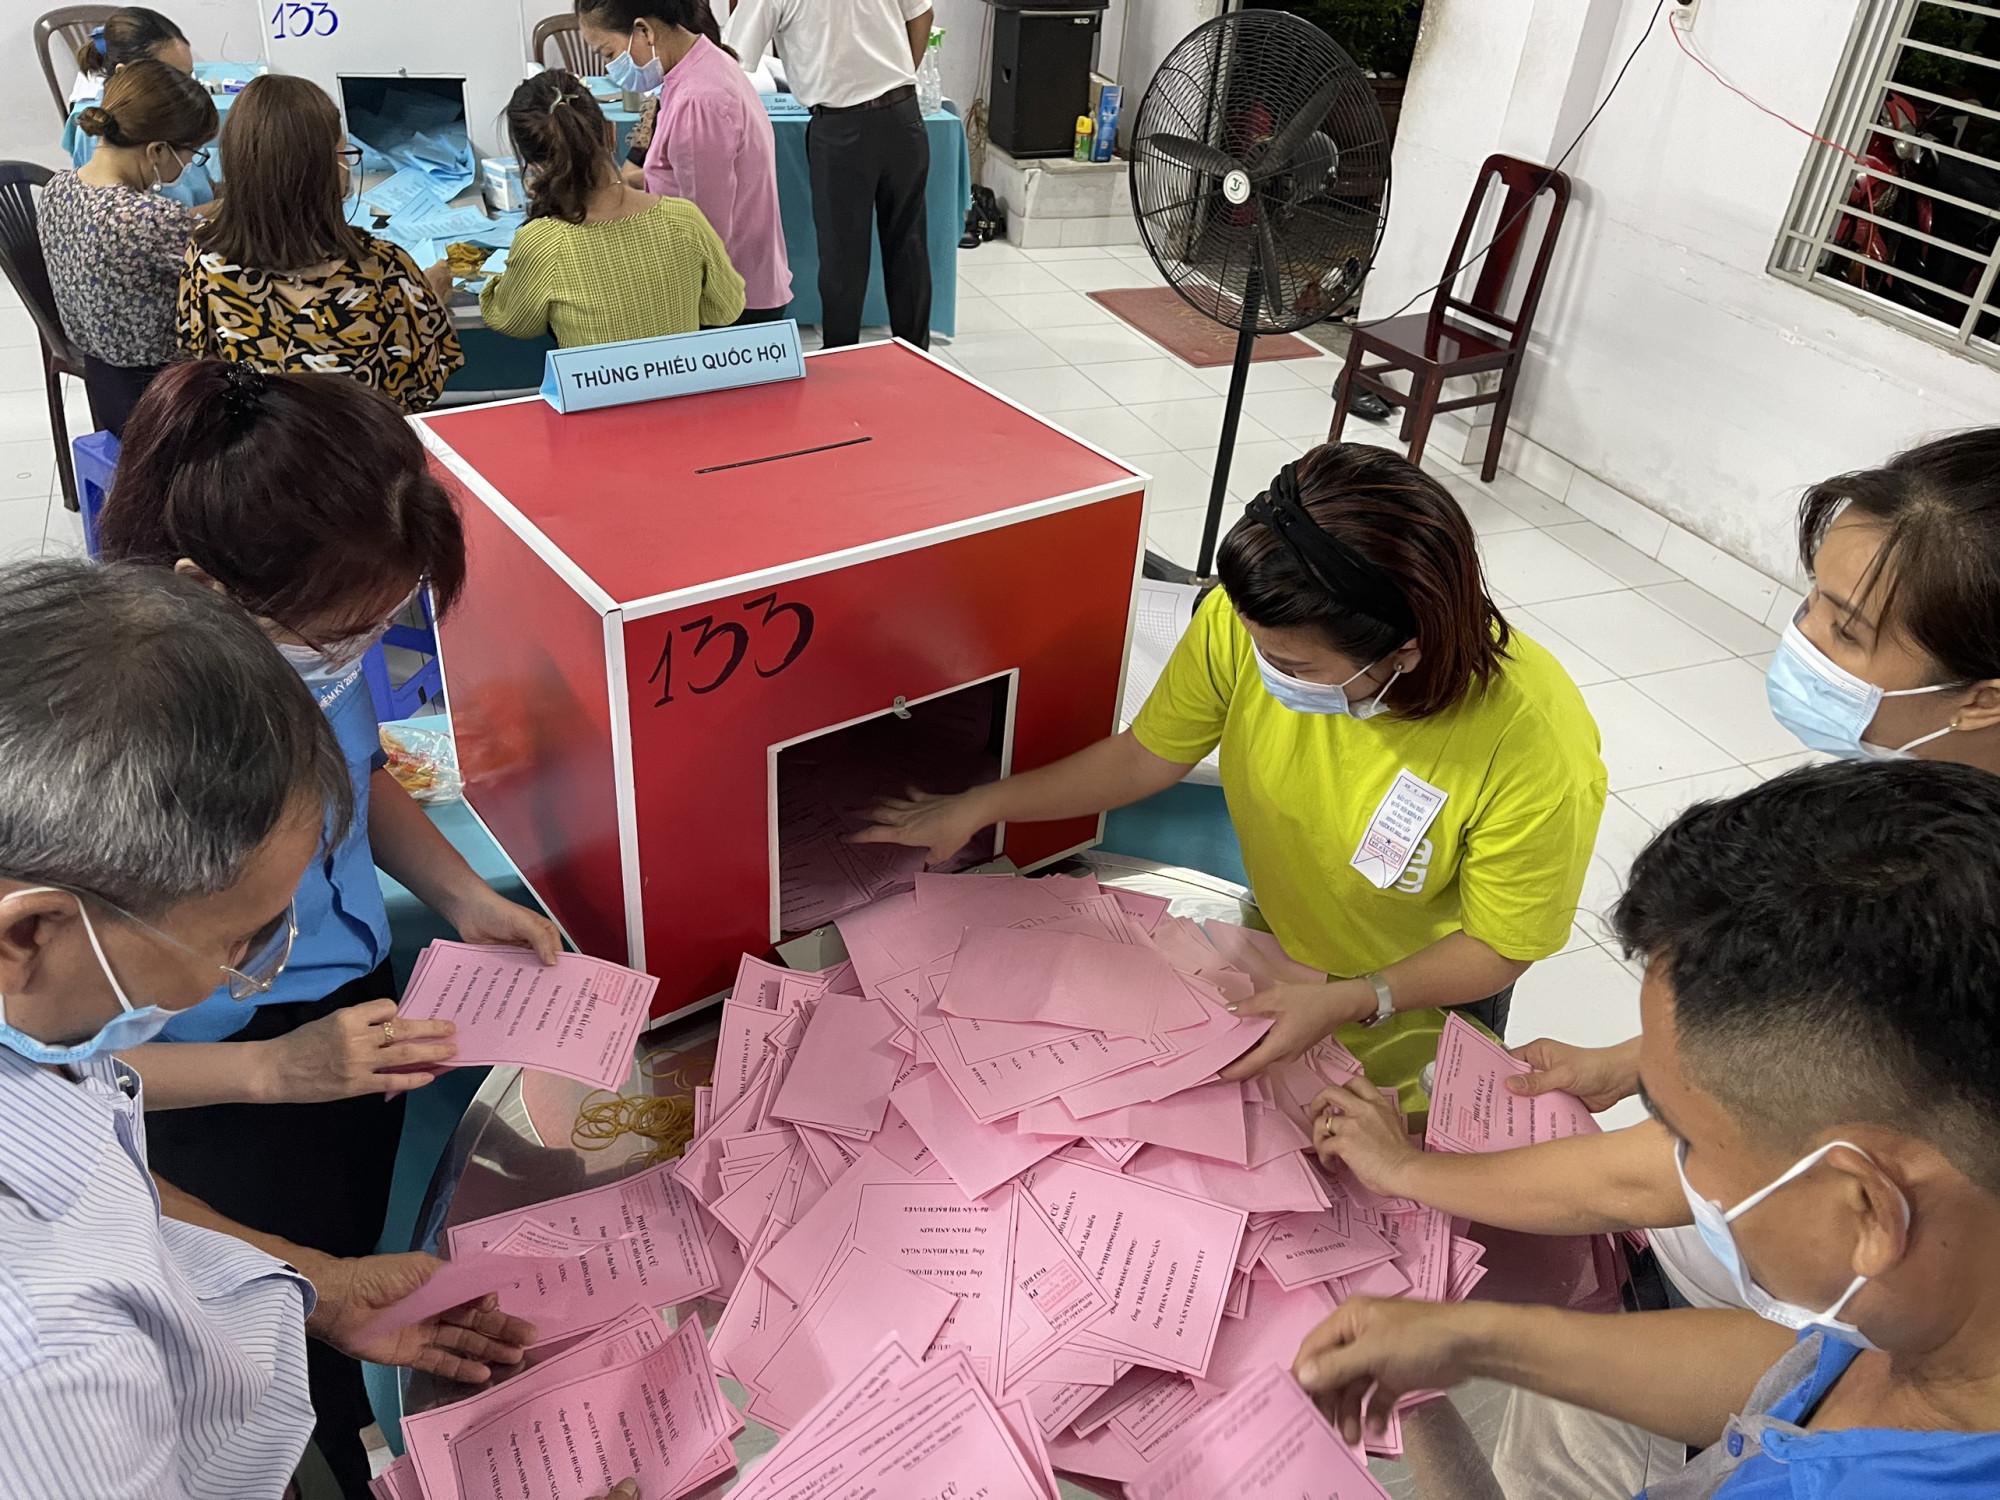 Khui thùng phiếu tại một Tổ bầu cử ở P.Tân Chánh Hiệp, quận 12